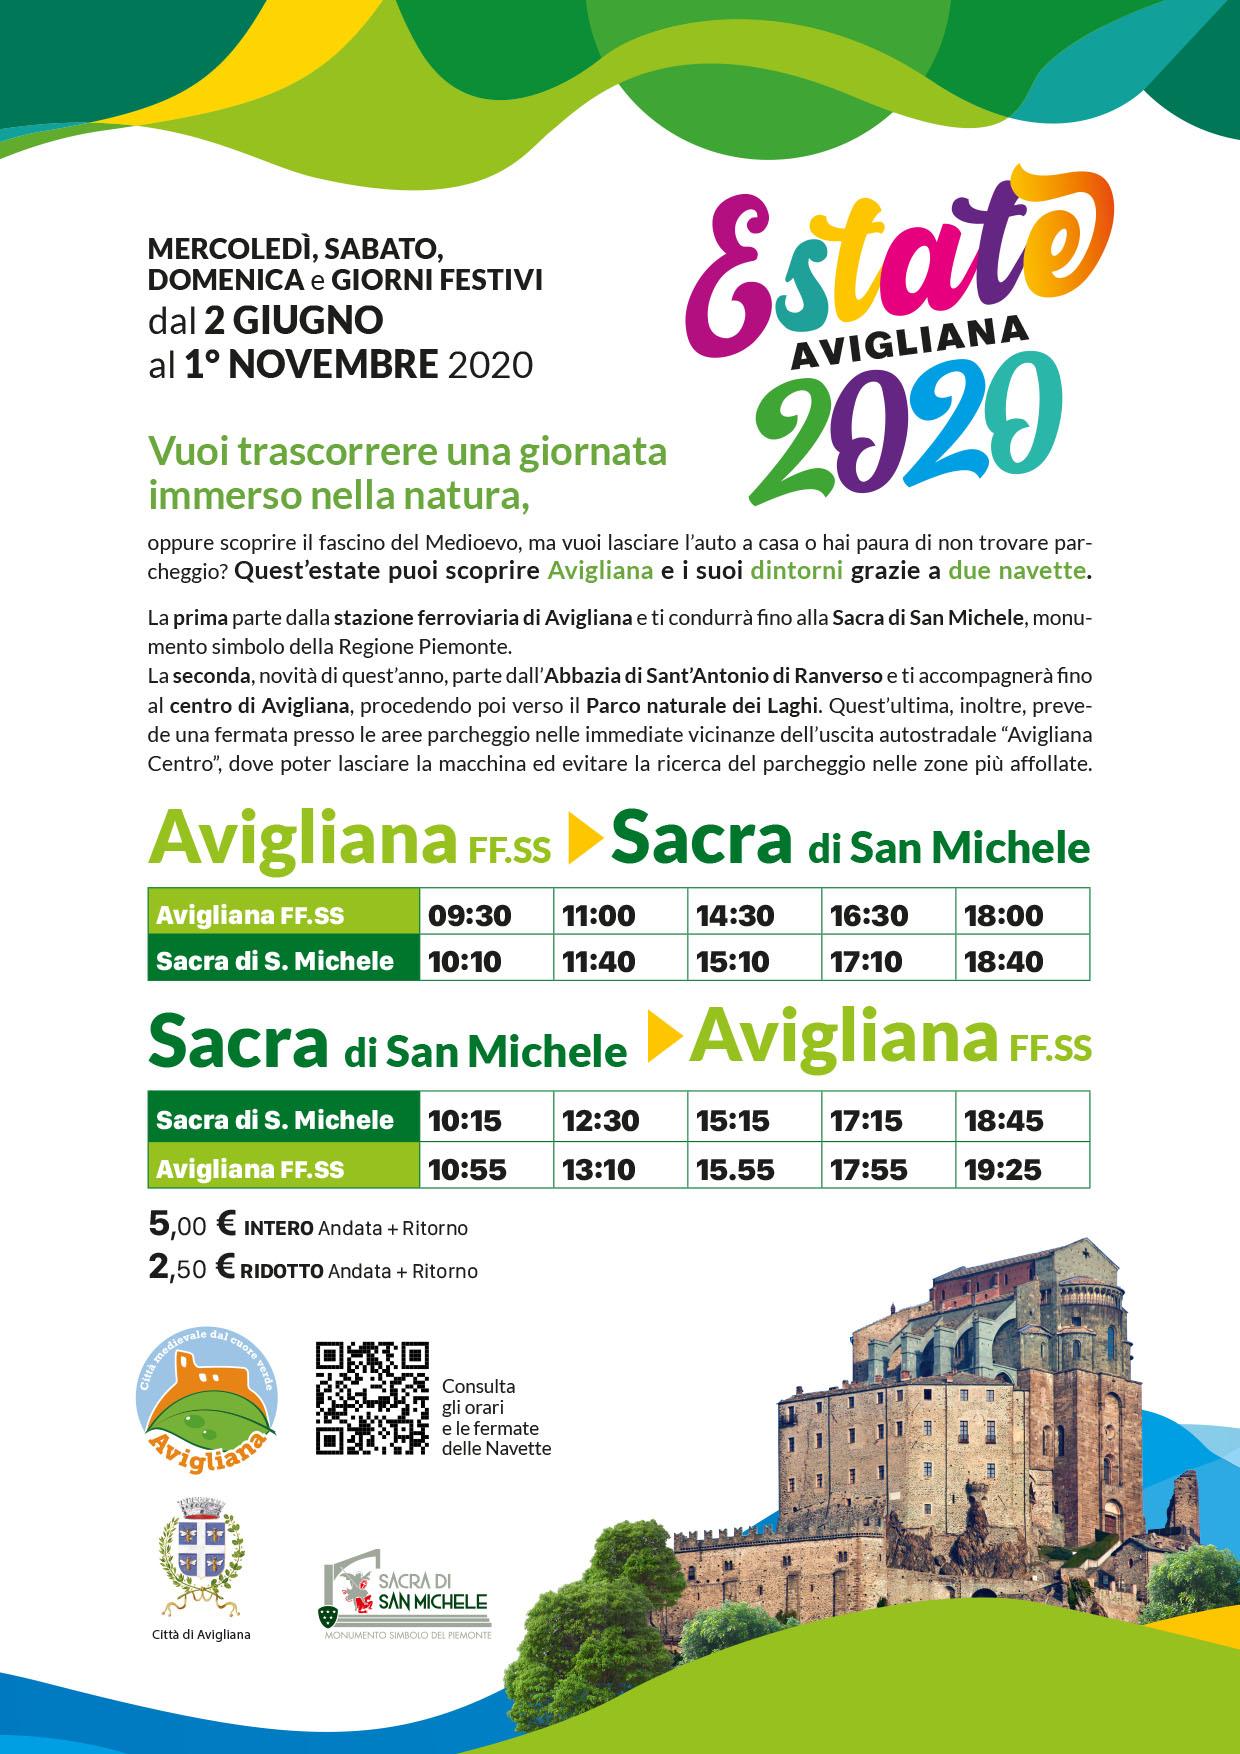 Navetta_Avigliana-Sacra-san-michele-estate-2020